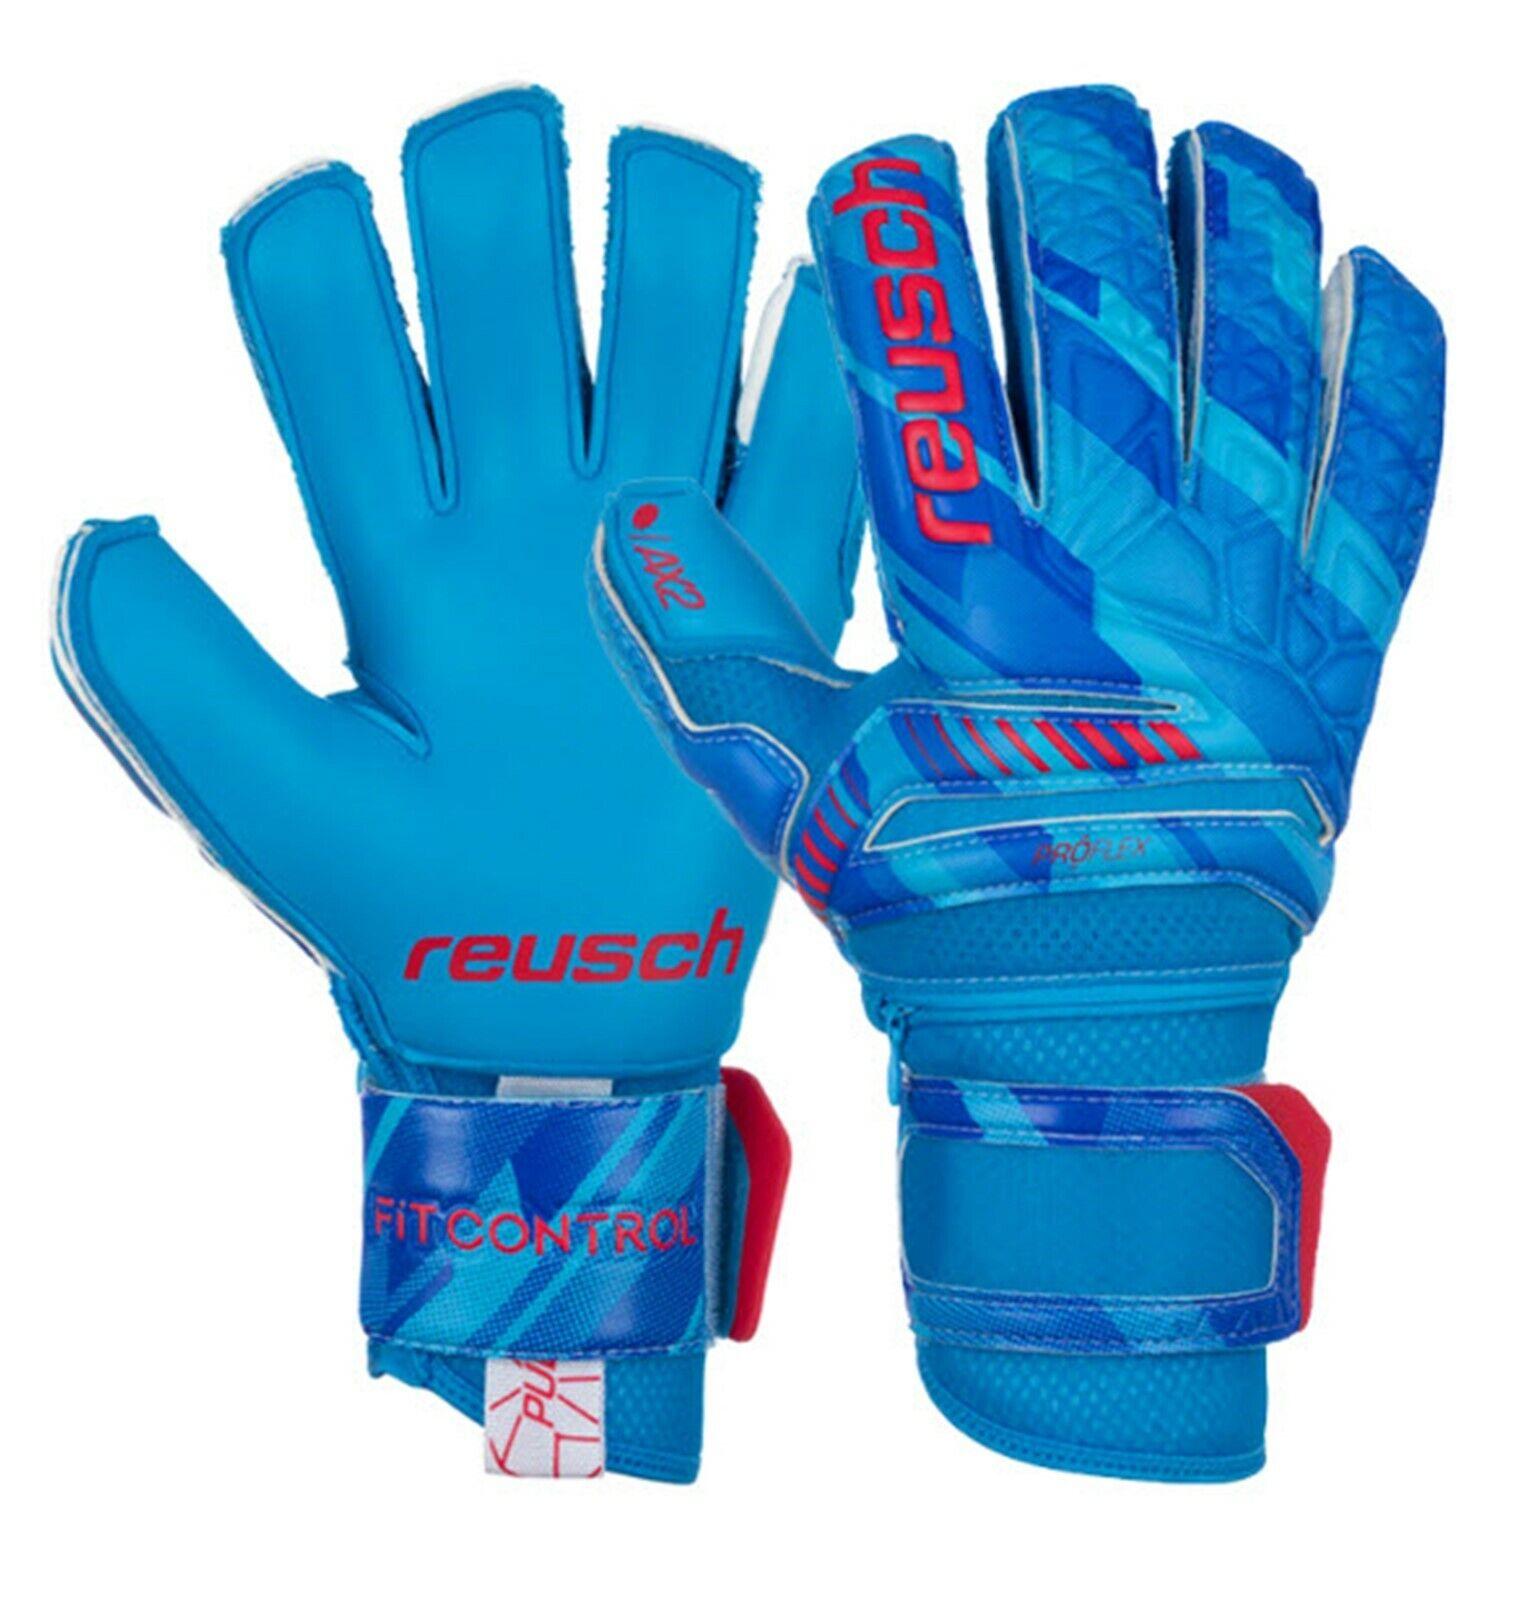 Reusch hombres portero Fit Control Pro AX2 Guantes De Portero Azul partido de fútbol 3970450121